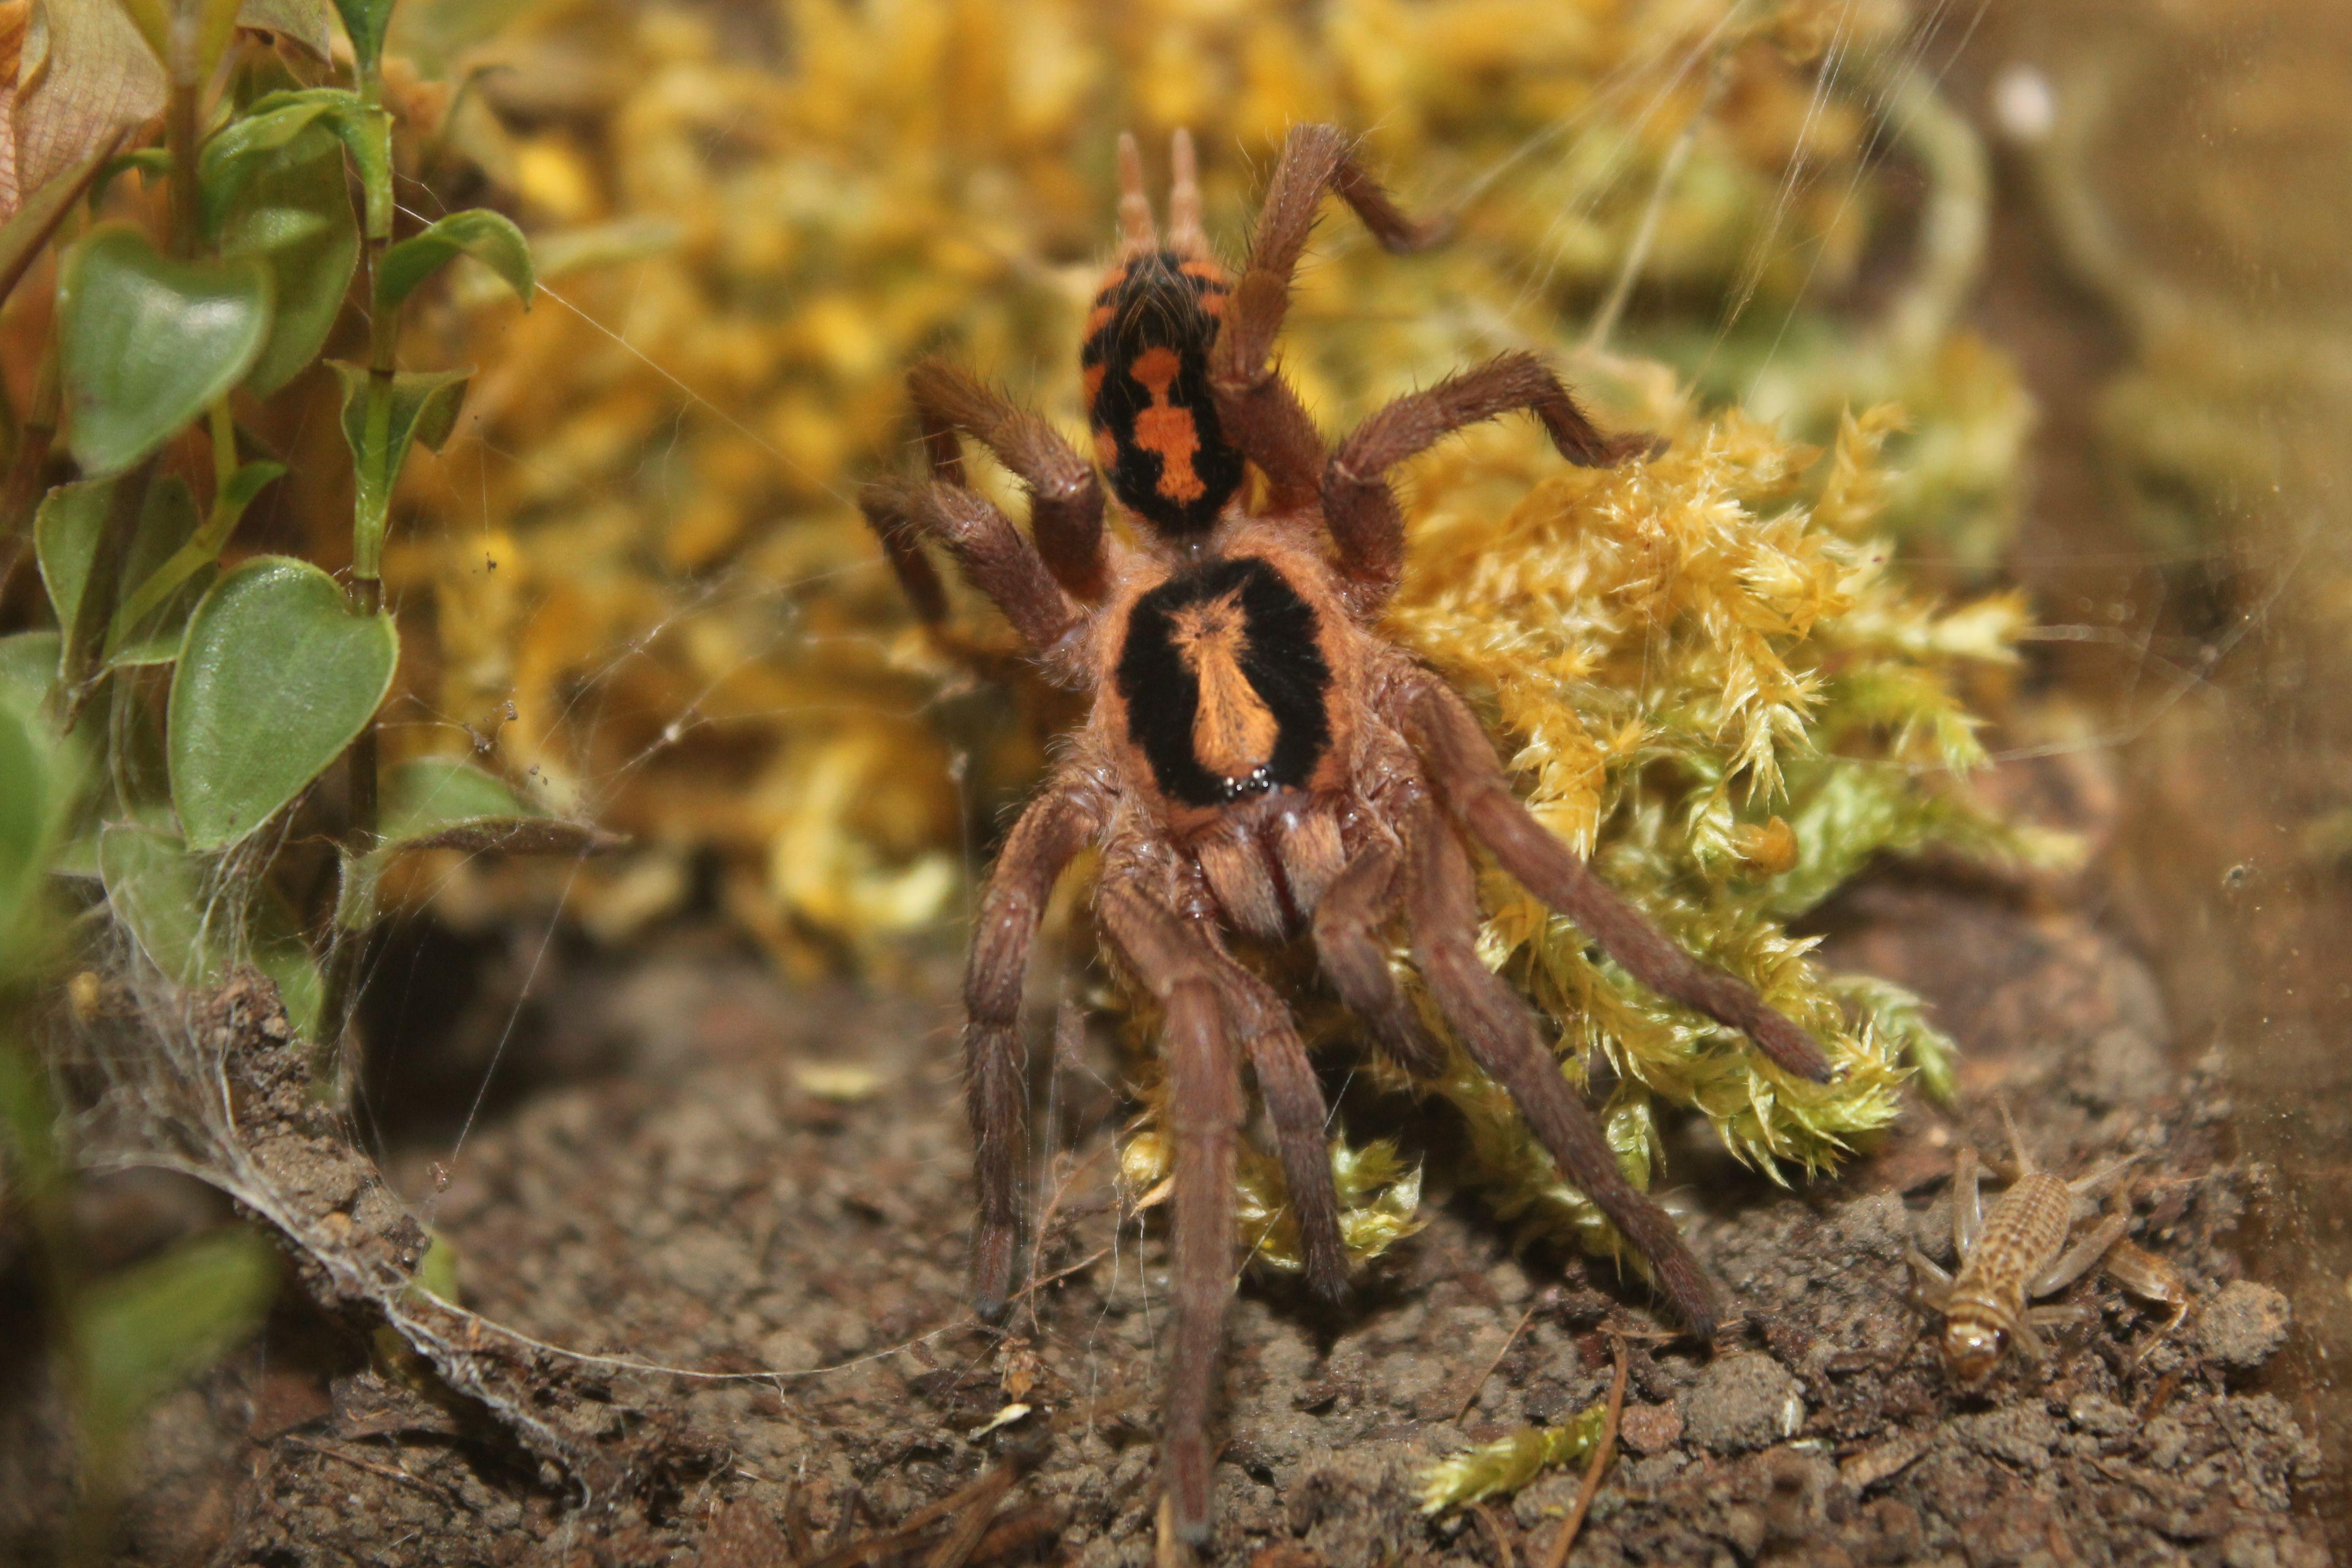 Hapalopus Spec Kolumbien Gross Species Animals Spider